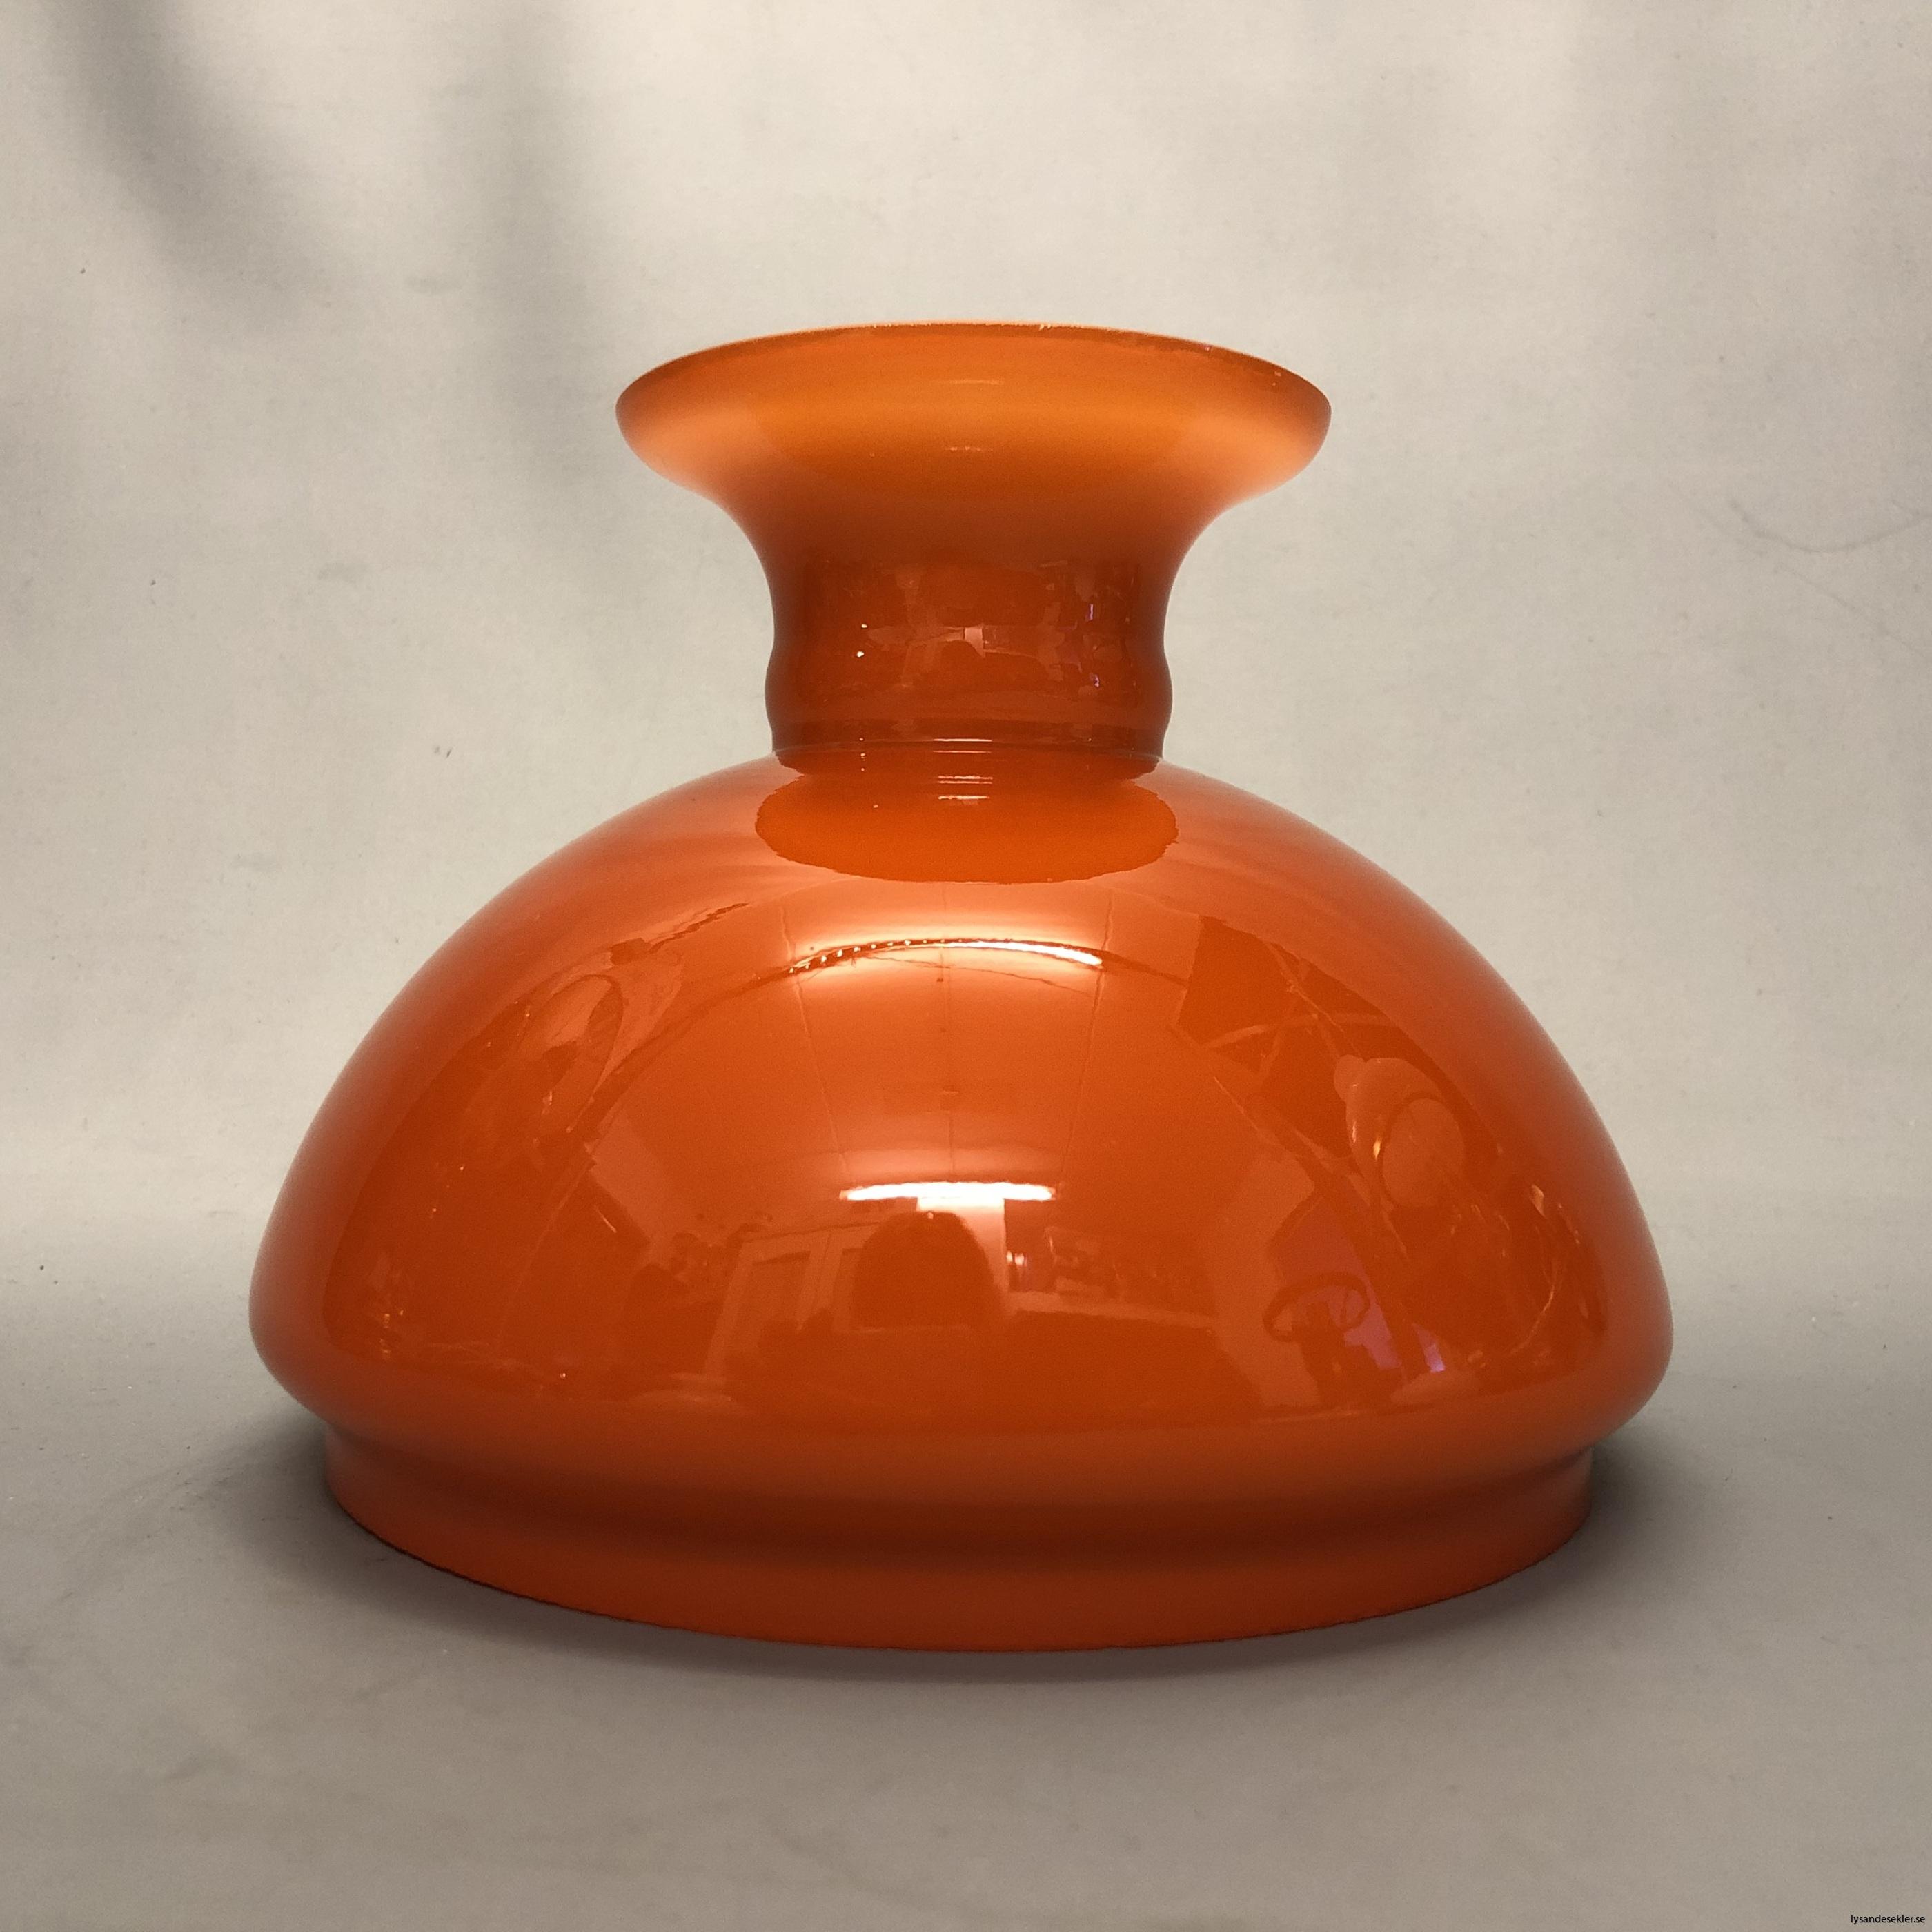 färgad vesta vestaskärm i färg fotogenskärm grön röd gul orange skärm till fotogenlampa55